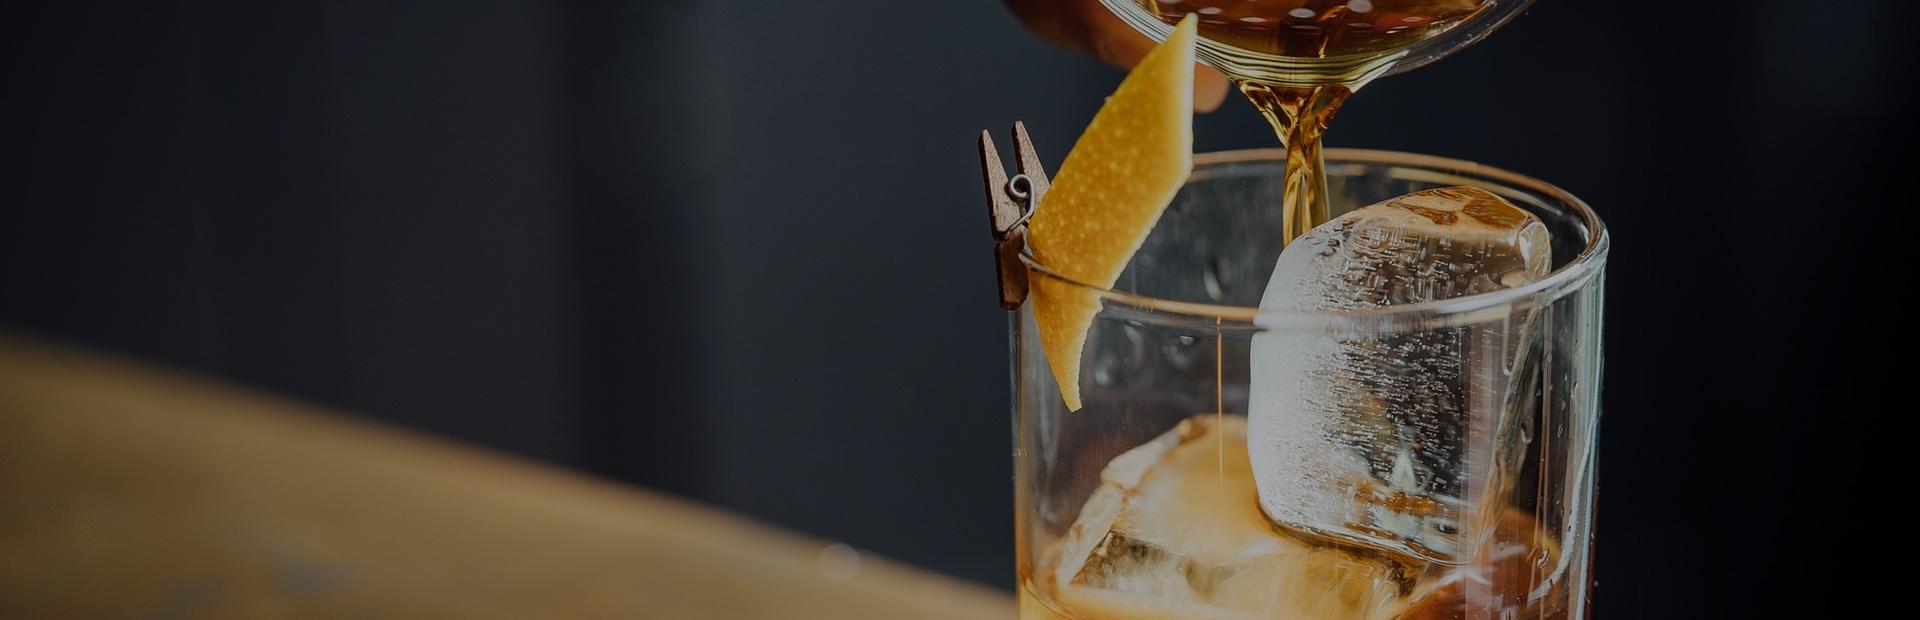 Cocktail Smagekasser